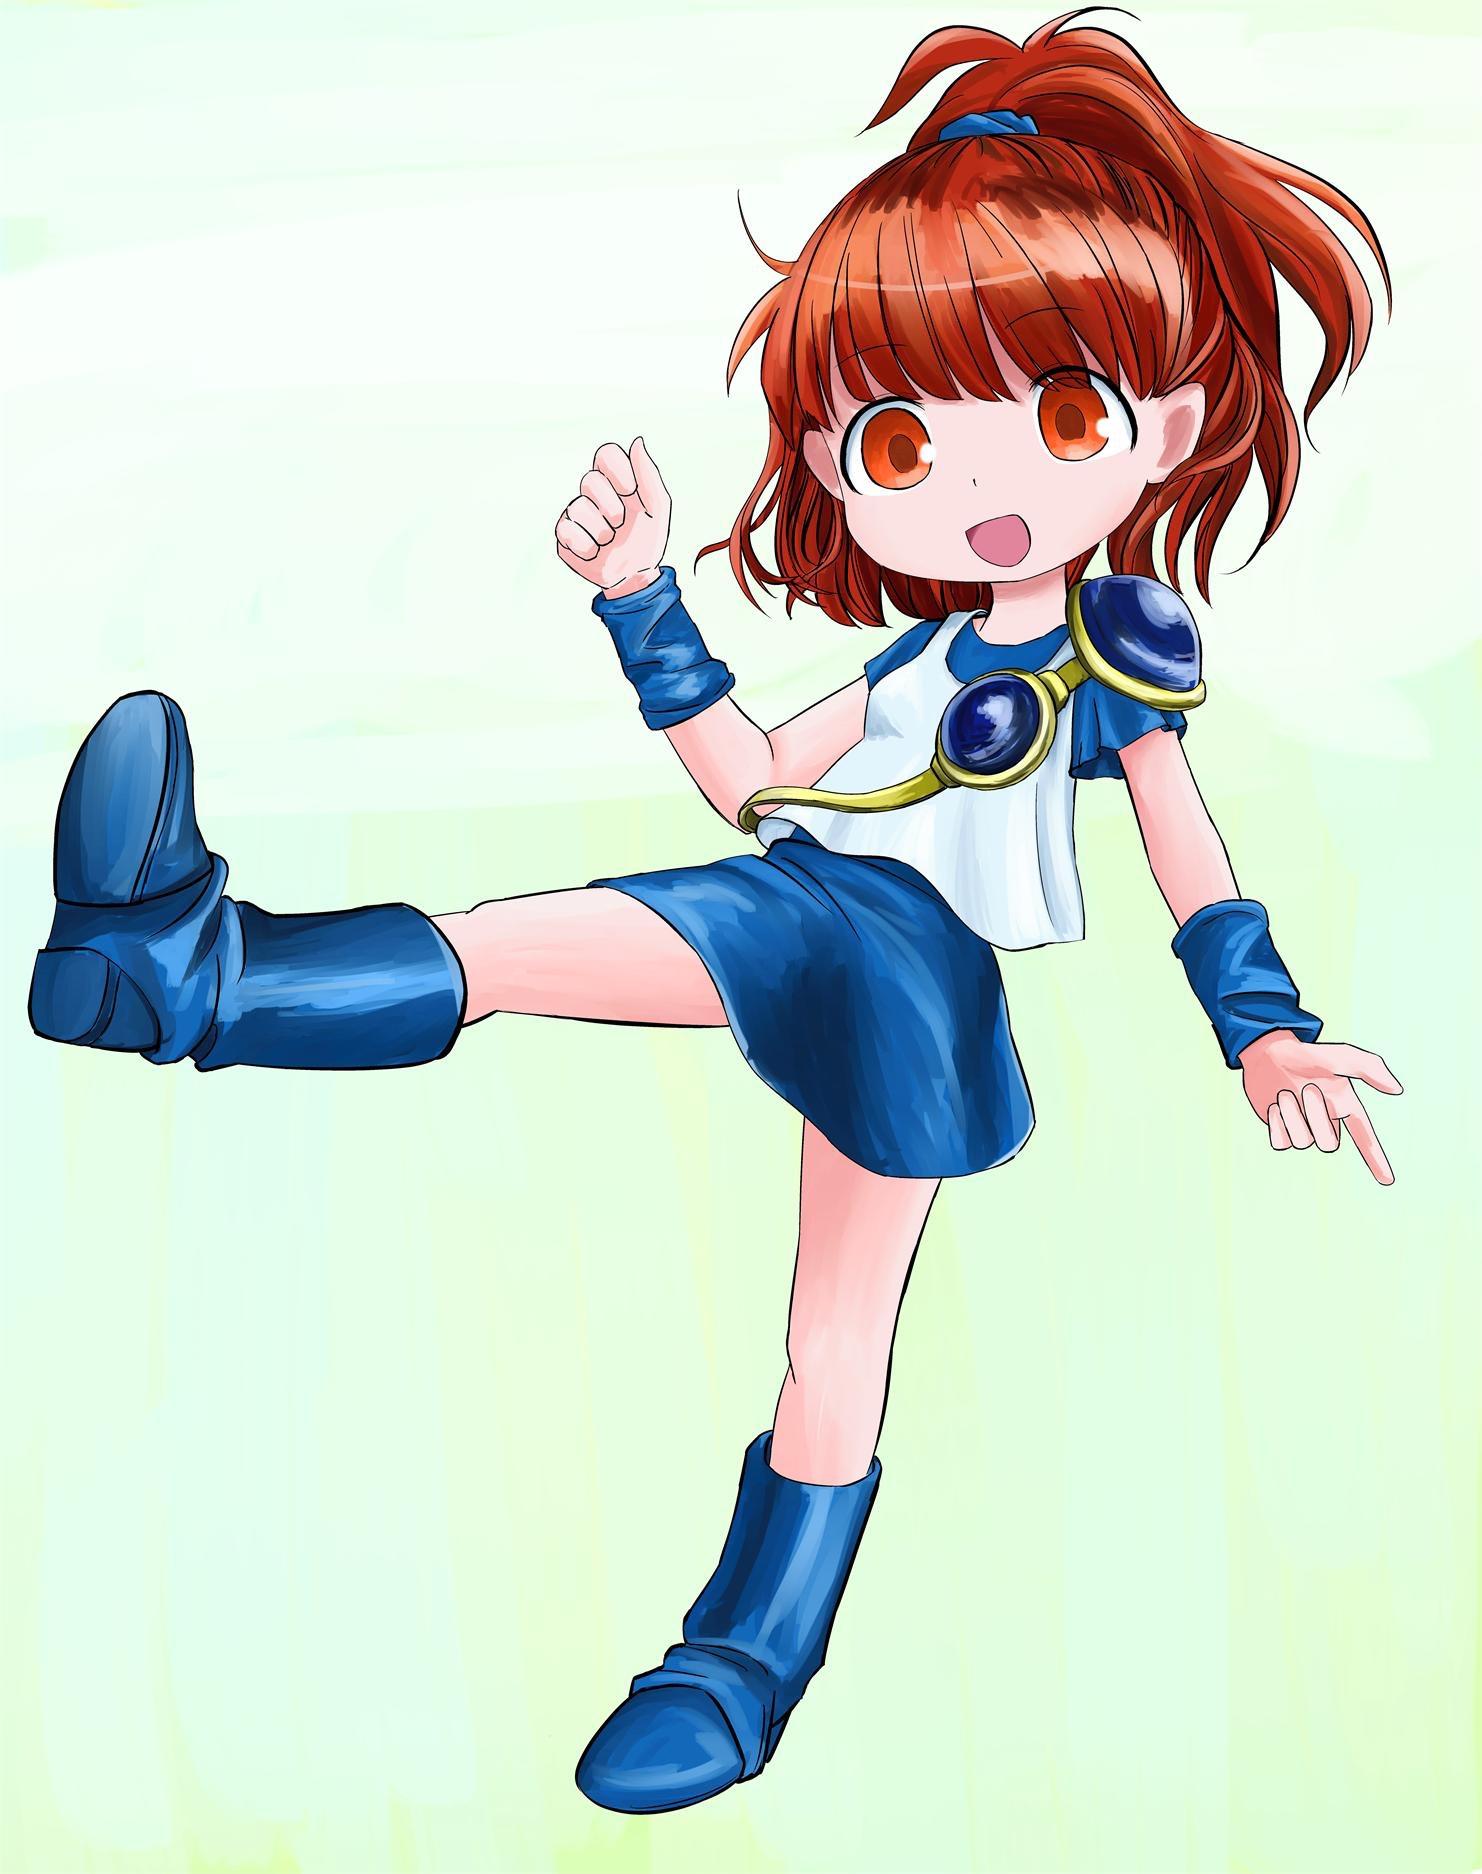 Arle Nadja Puyo Puyo Image 3022347 Zerochan Anime Image Board This is a arle nadja and carbuncle's adventure : arle nadja puyo puyo image 3022347